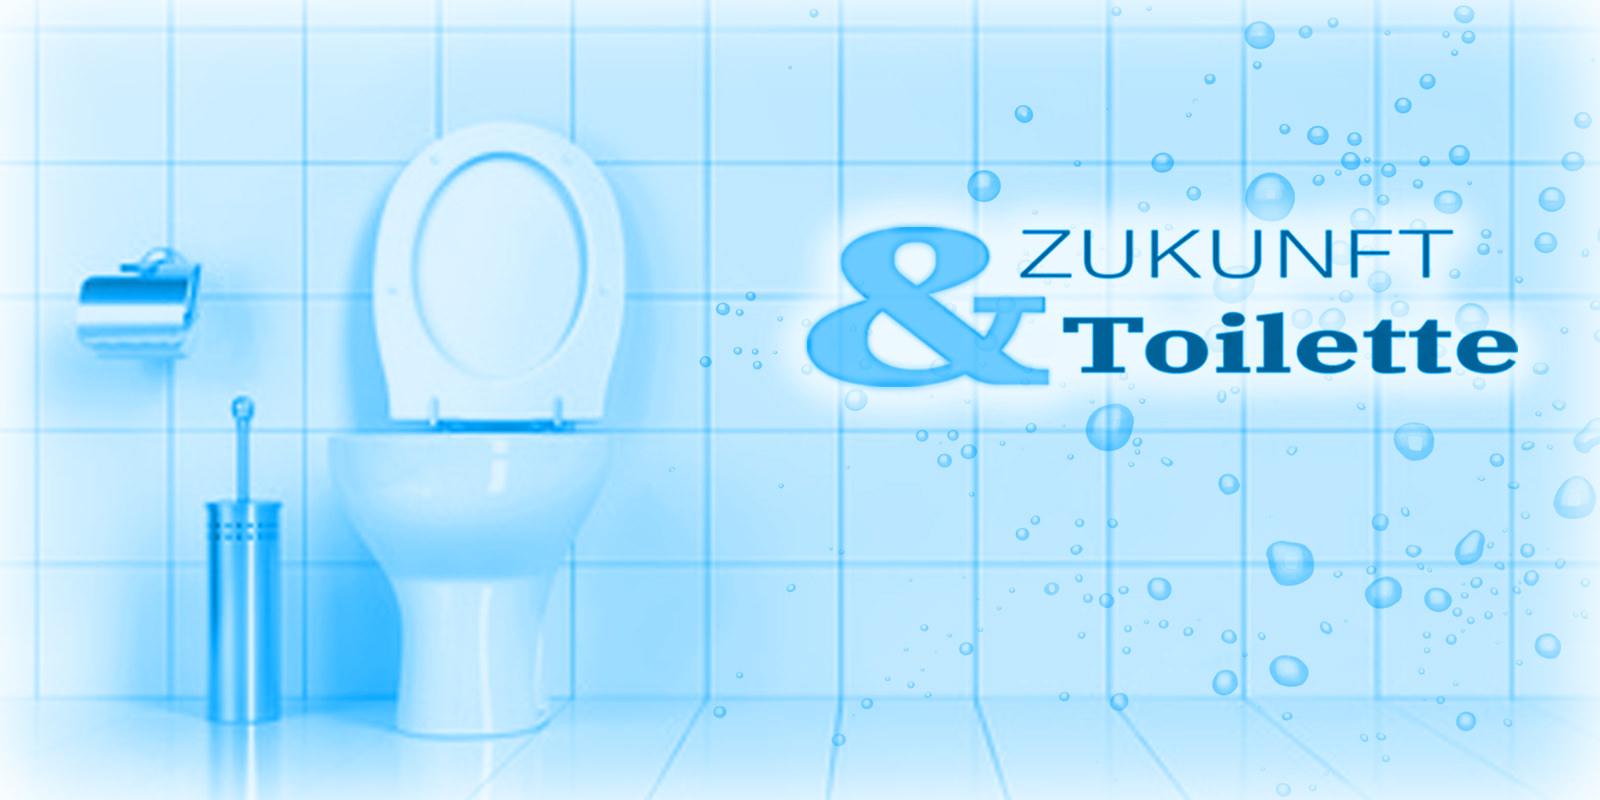 Das Washlet - Toilette der Zukunft? - emtconsult.de